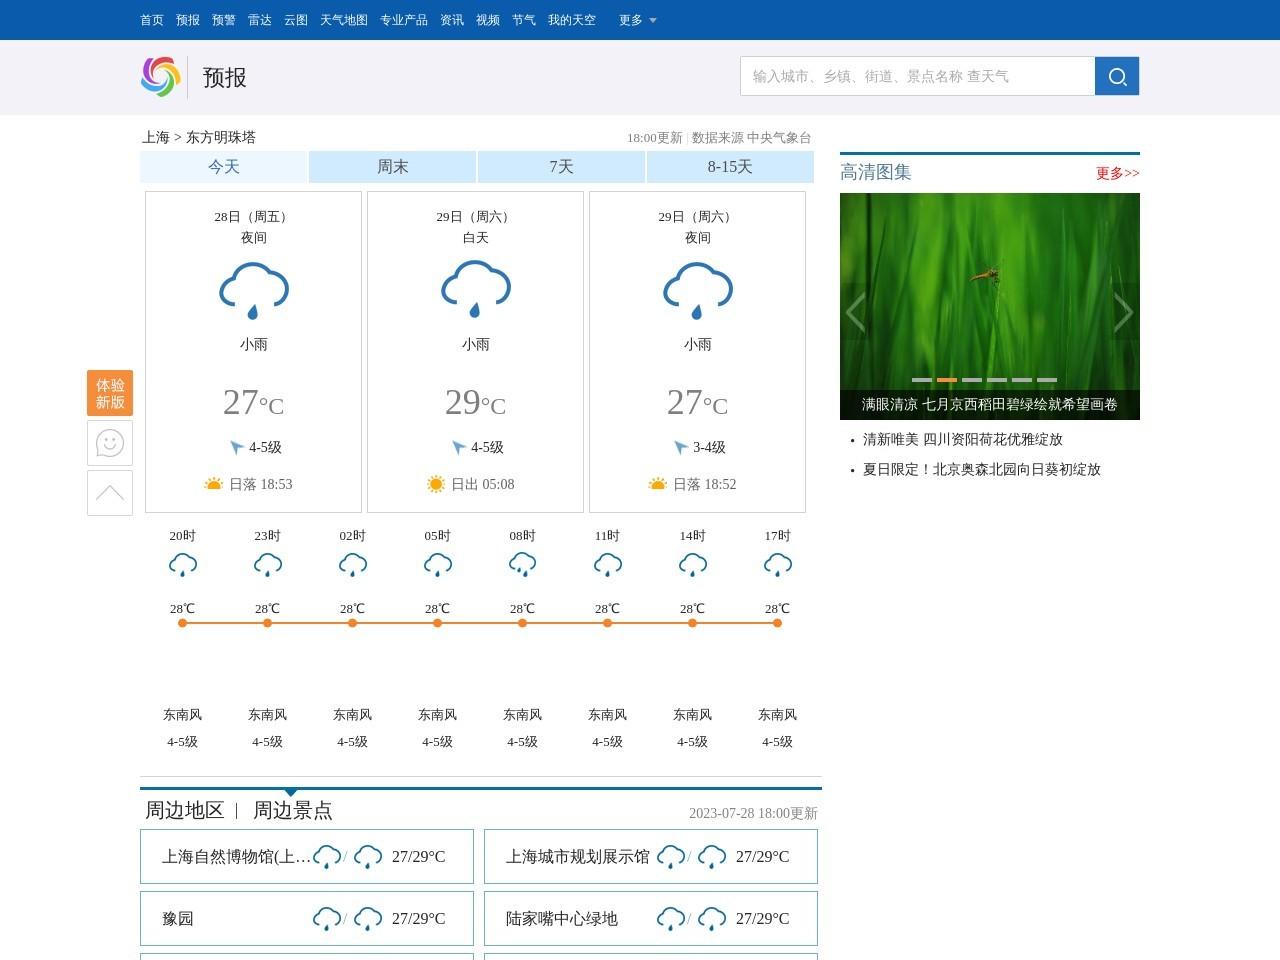 【东方明珠塔天气】东方明珠塔今天天气预报,今天,今天天气,7天,15天天气预报,天气预报一周,天气预报15天查询